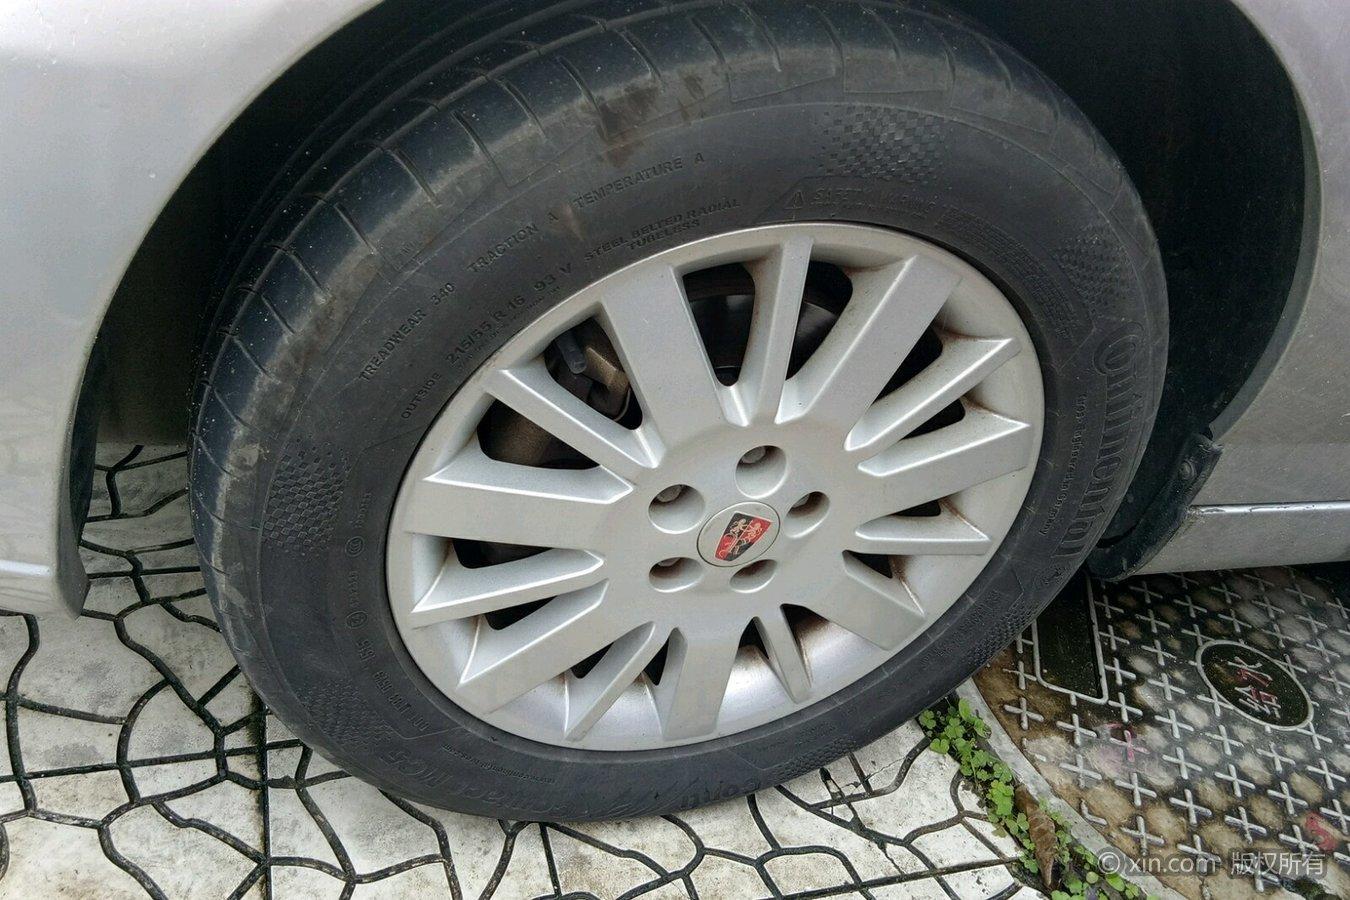 荣威750左前轮胎本田思铂睿比起亚K5